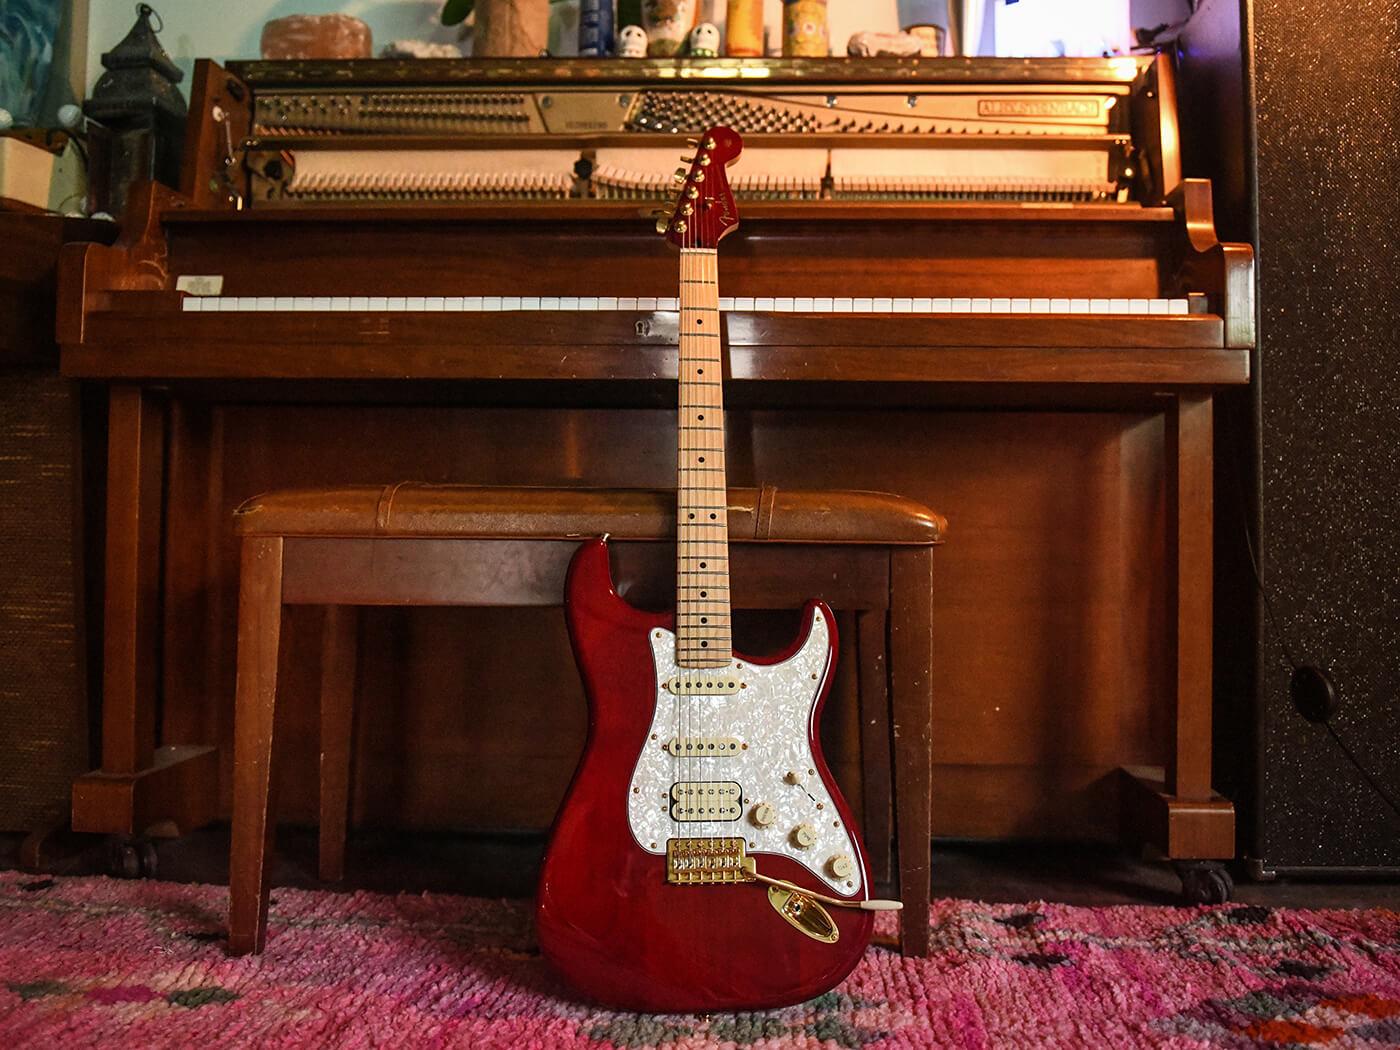 Tash Sultana Fender Stratocaster